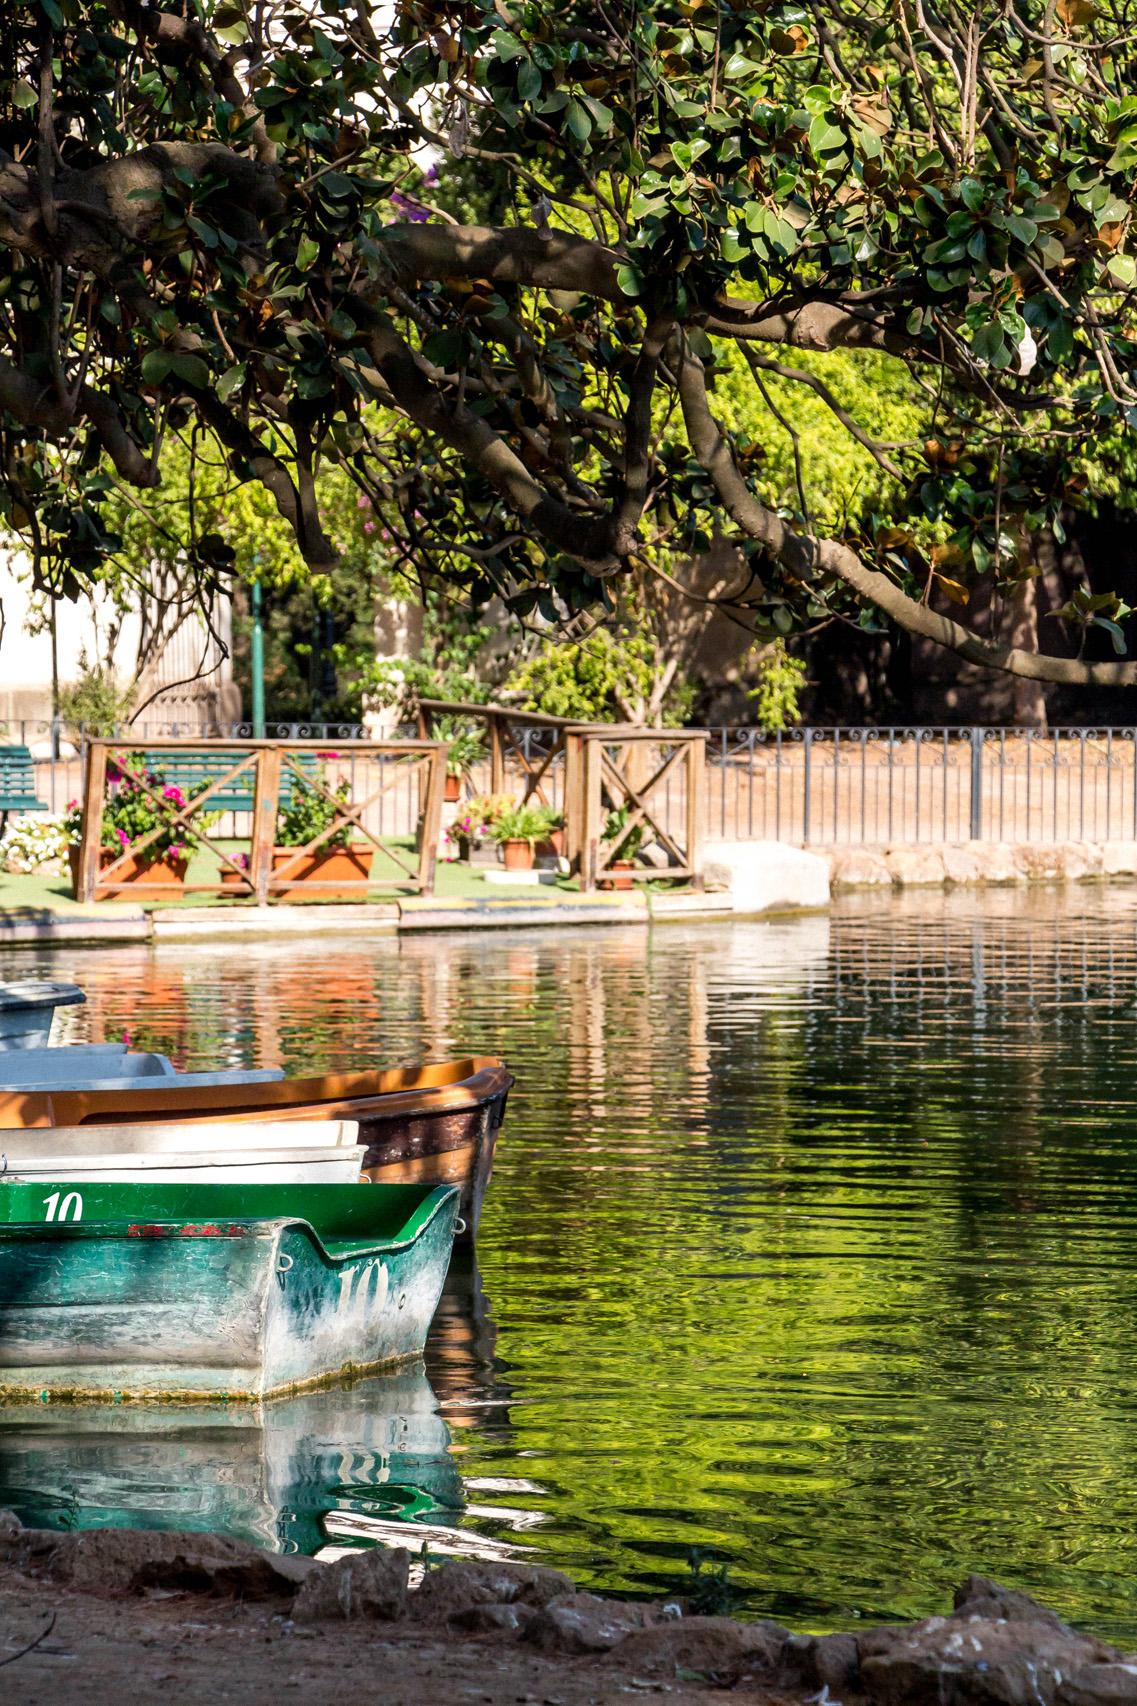 Pond at Villa Borghese Gardens, Rome